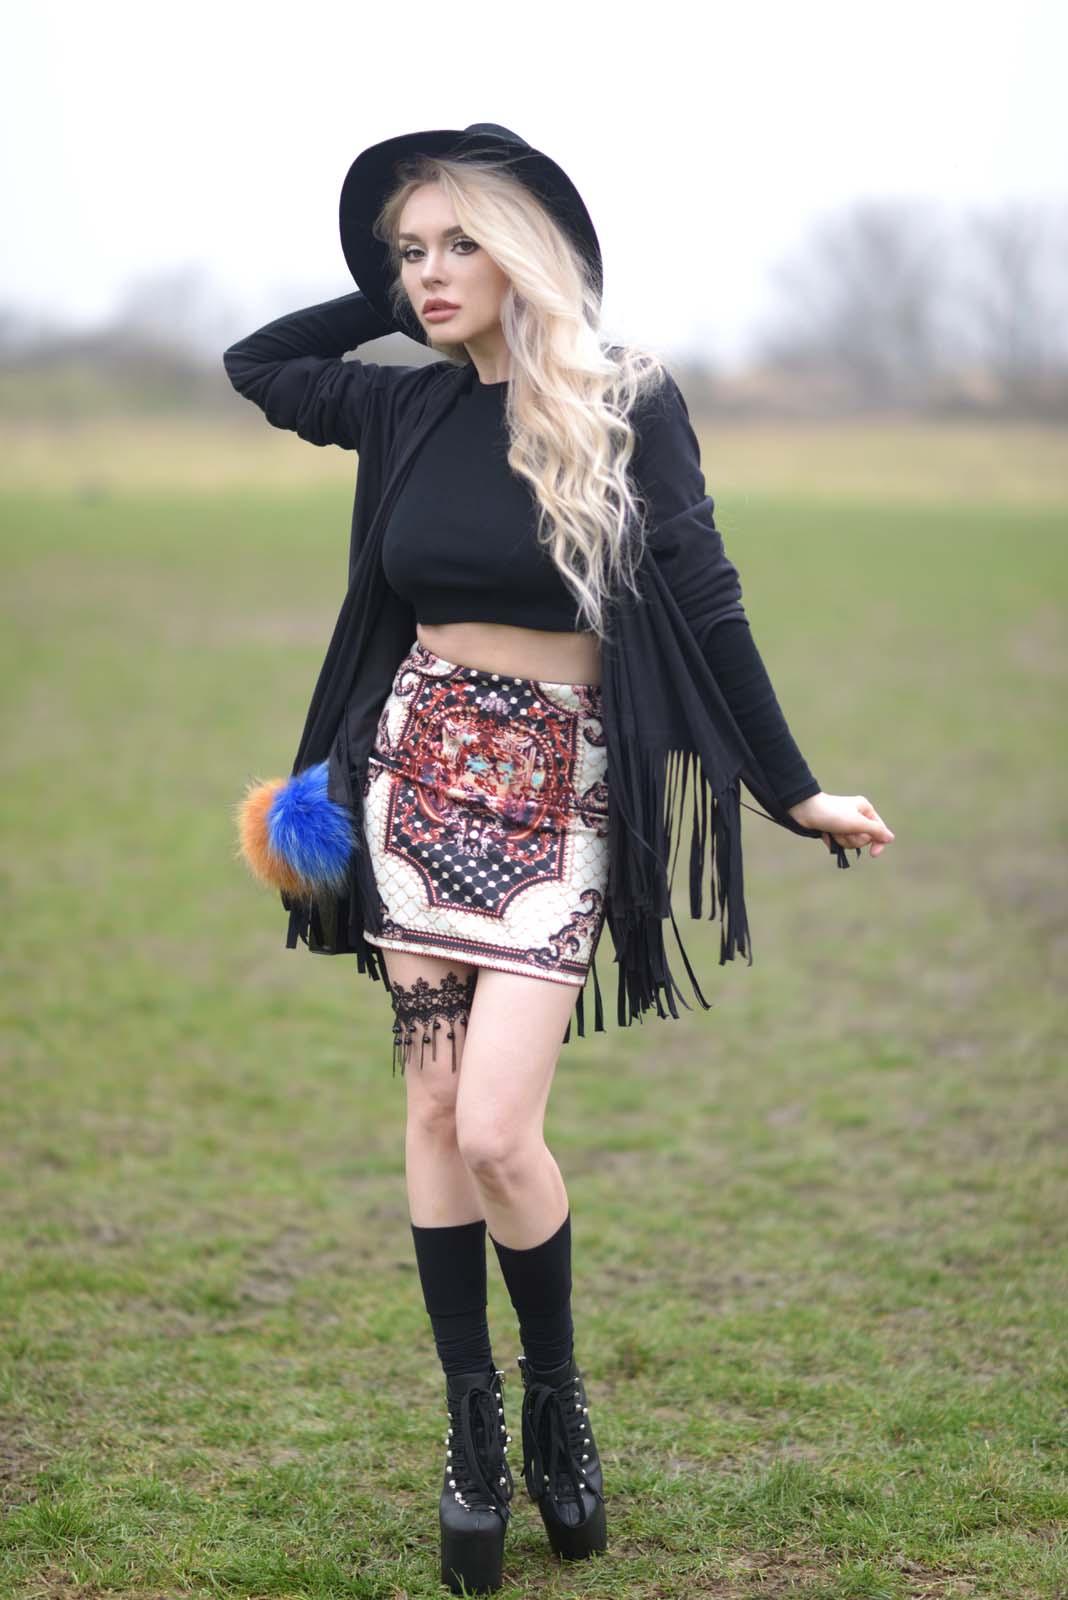 05_vintage_pattern_skirt_black_hat_pompon